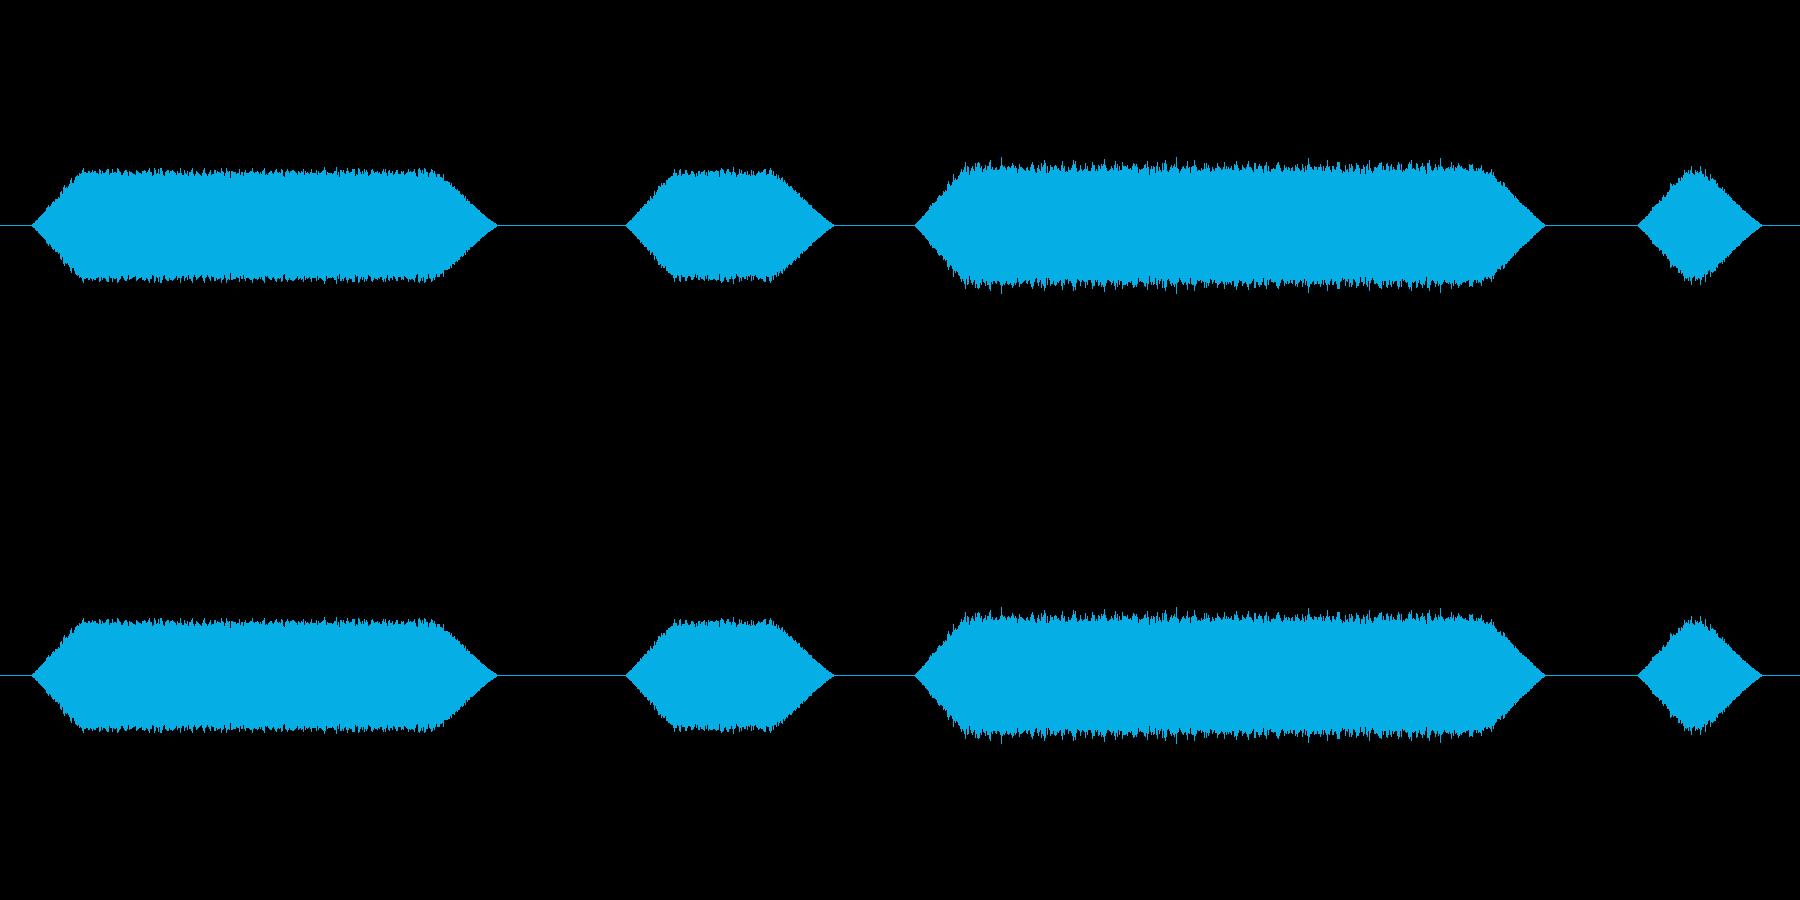 メカ動作・レーザーメス#5の再生済みの波形